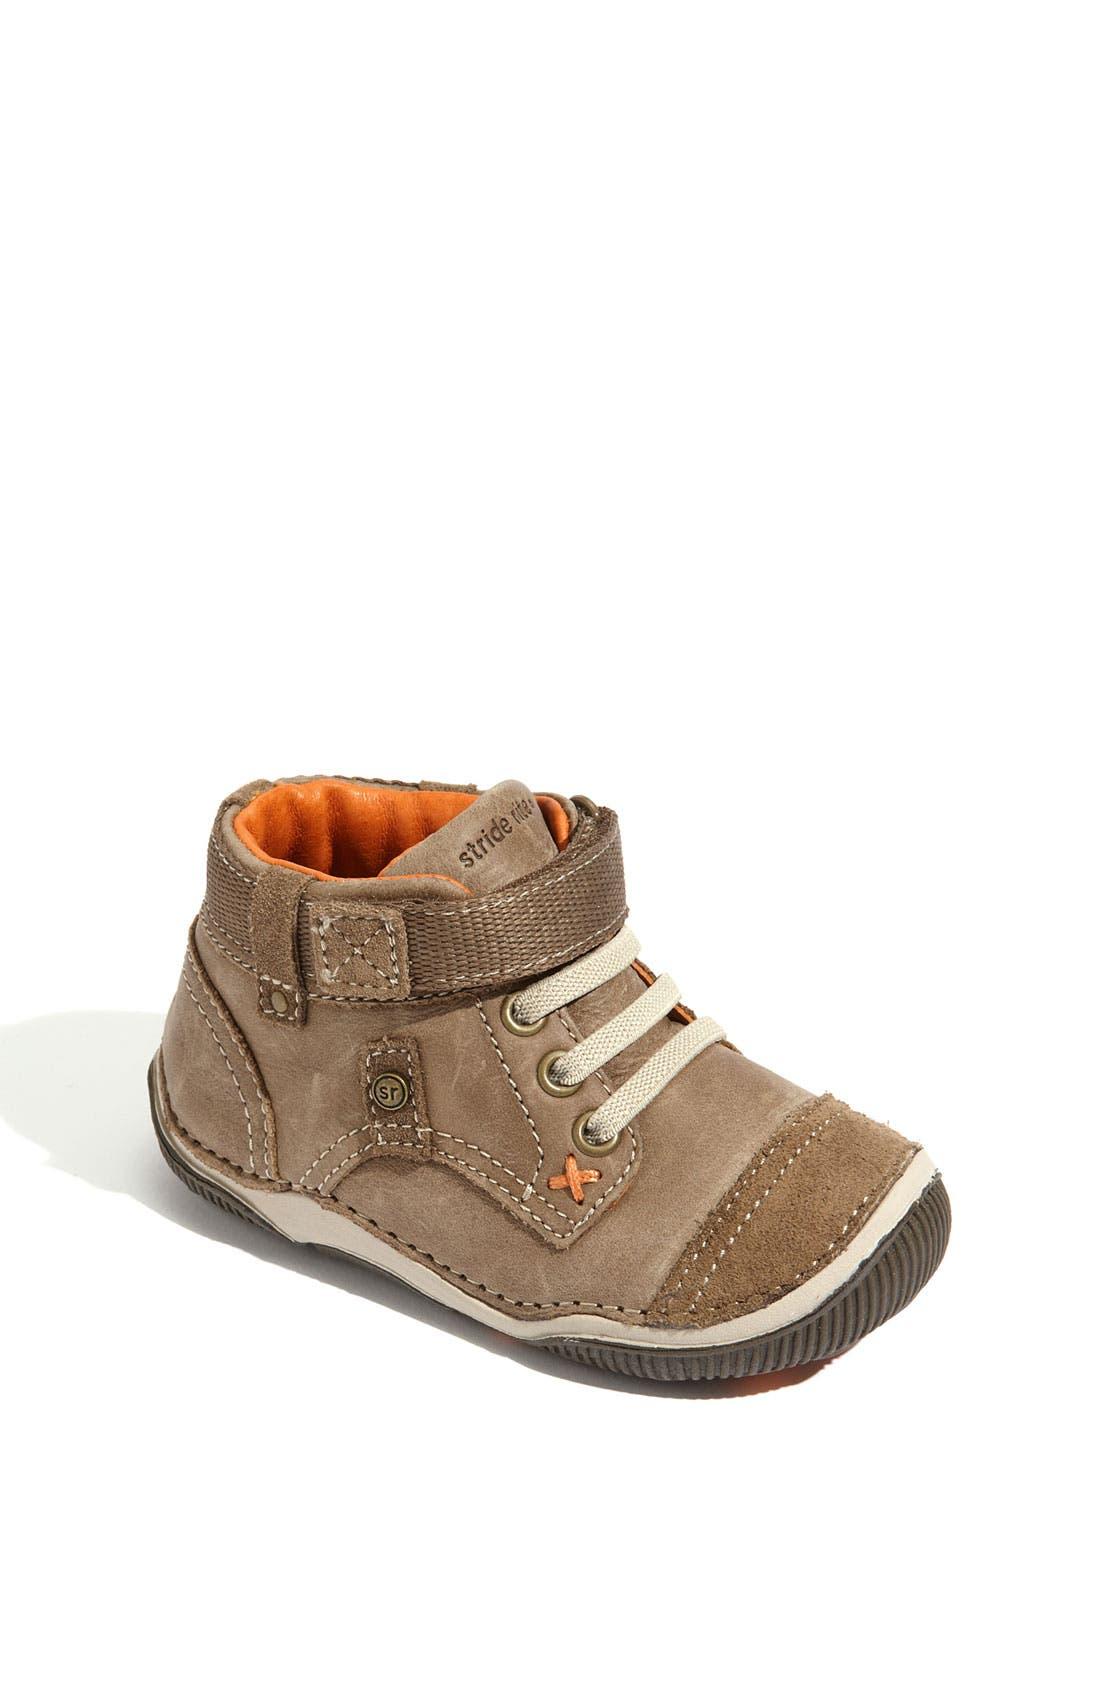 Alternate Image 1 Selected - Stride Rite 'Garett' Shoe (Baby, Walker & Toddler)